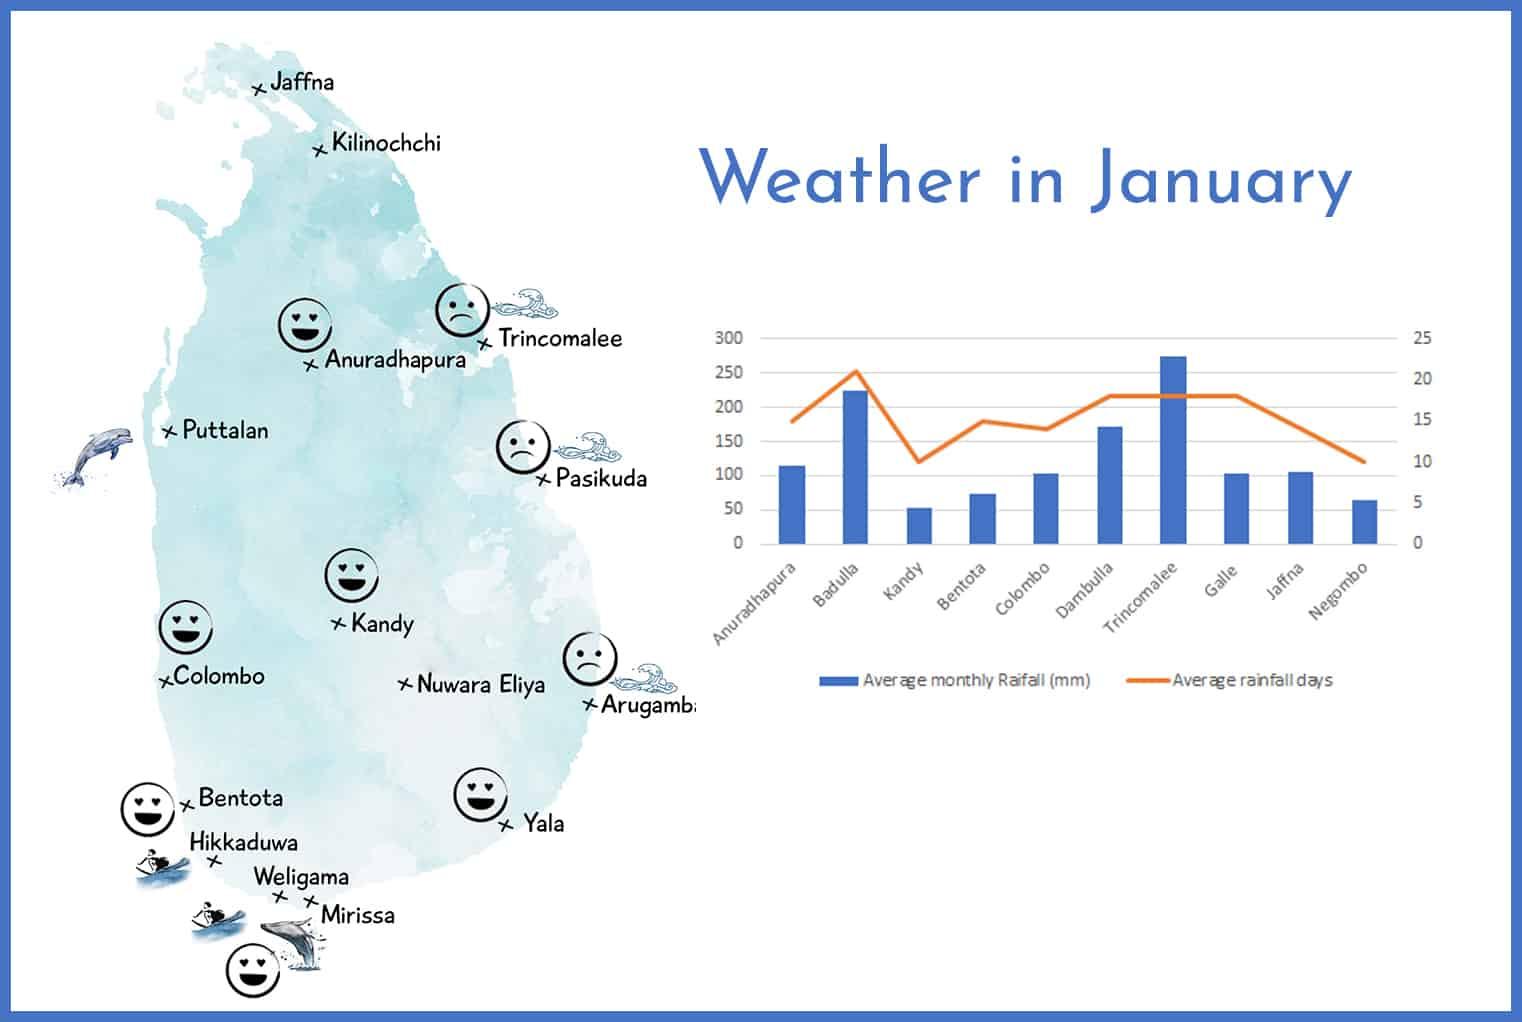 Weather in Sri Lanka in January